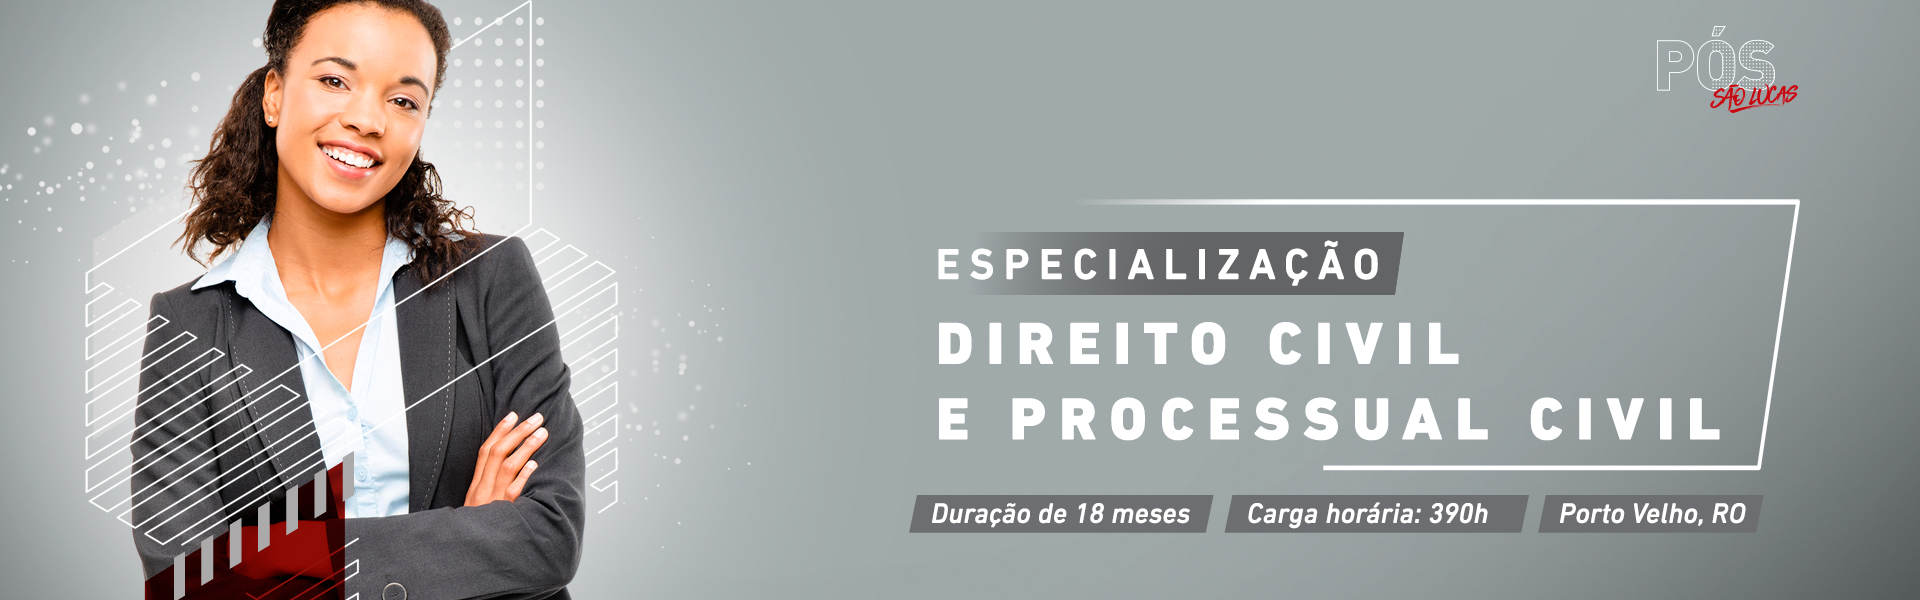 DireitoCivil_BN_Site2